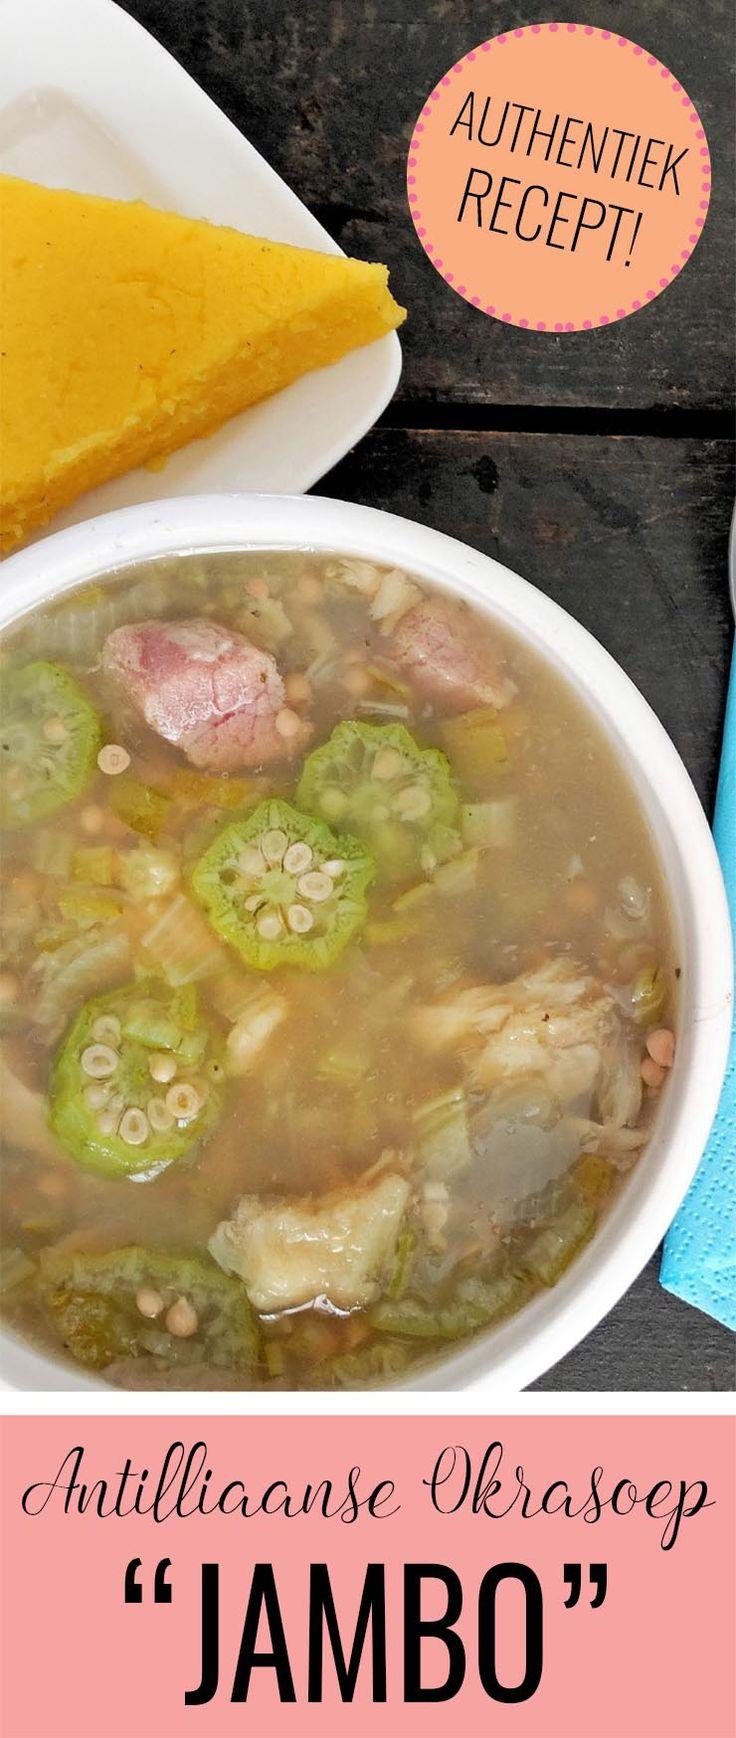 JAMBO is de lekkerste Antilliaanse okrasoep. Het wordt gemaakt met okra's, vlees, vis én zeevruchten. Absoluut de moeite waard! Je maakt het natuurlijk met het recept op www.antilliaans-eten.nl